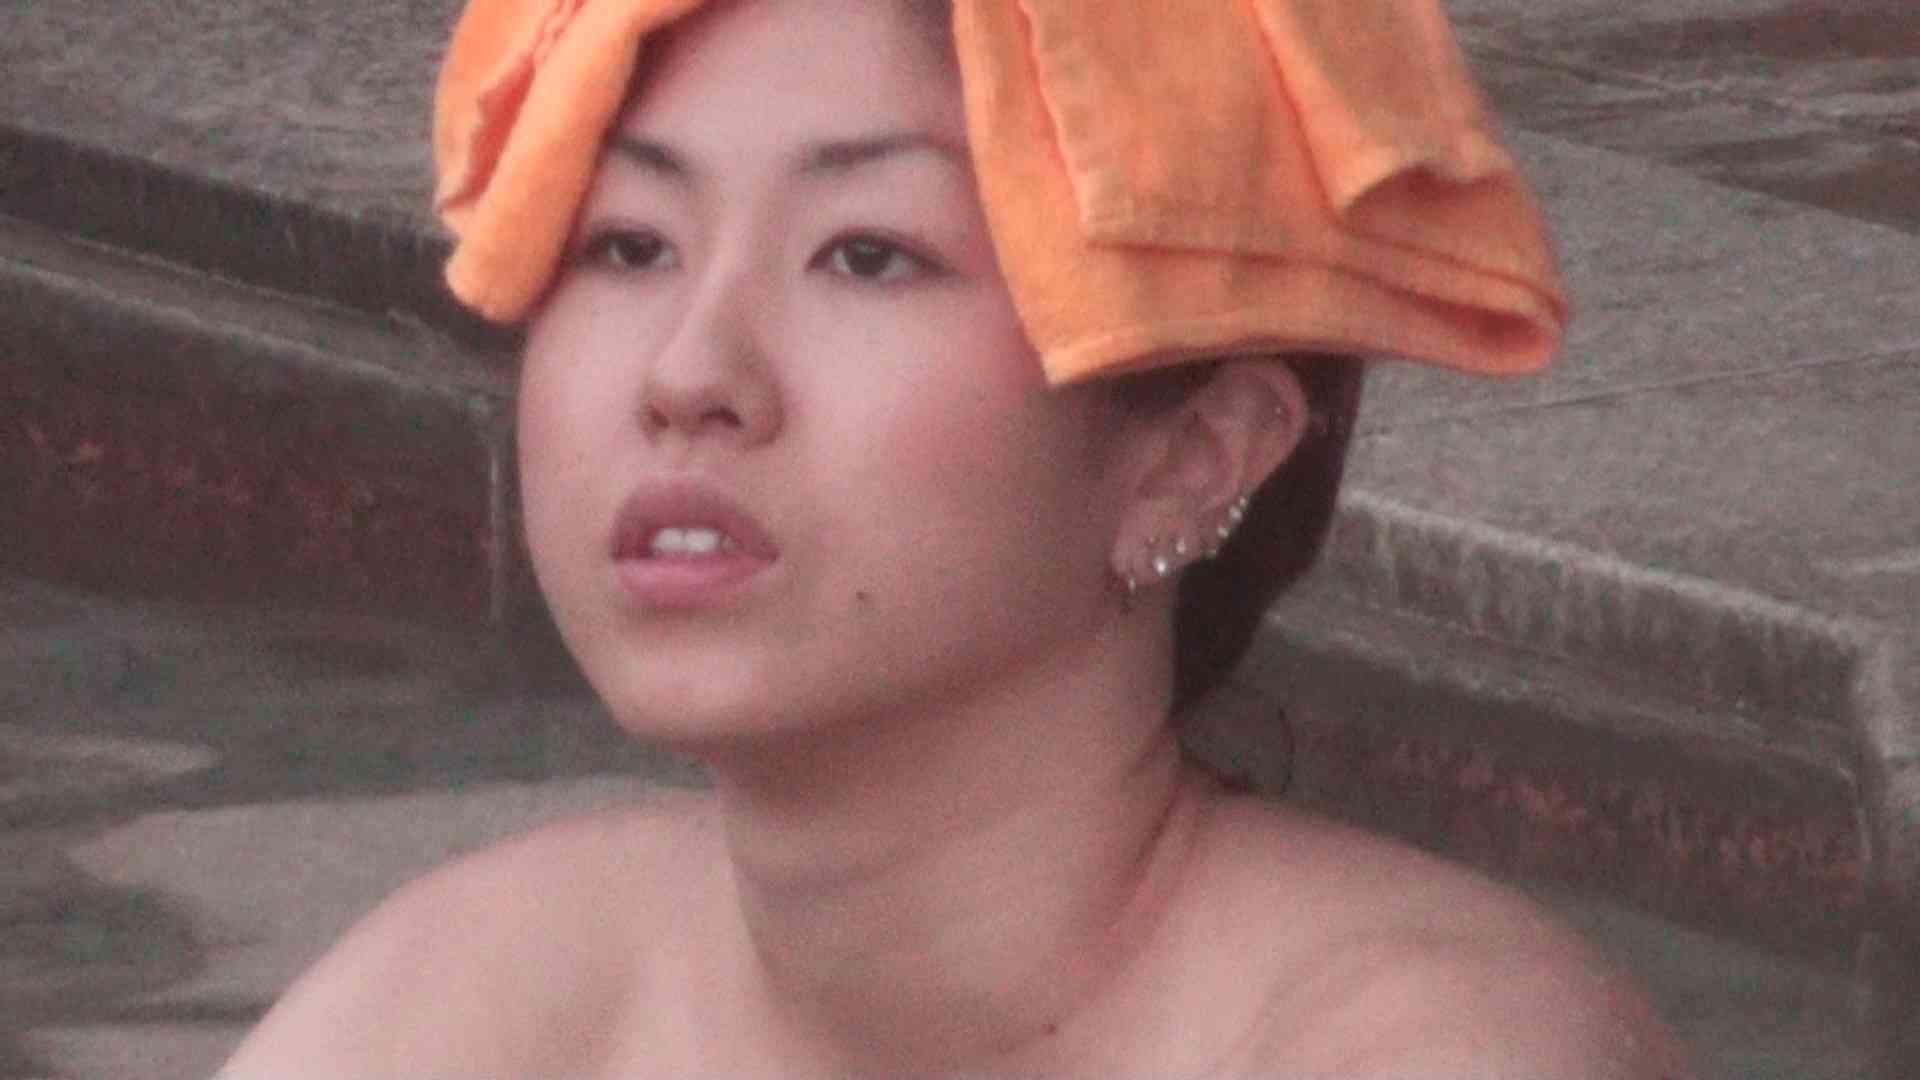 Aquaな露天風呂Vol.135 いやらしいOL 盗撮動画紹介 67連発 6